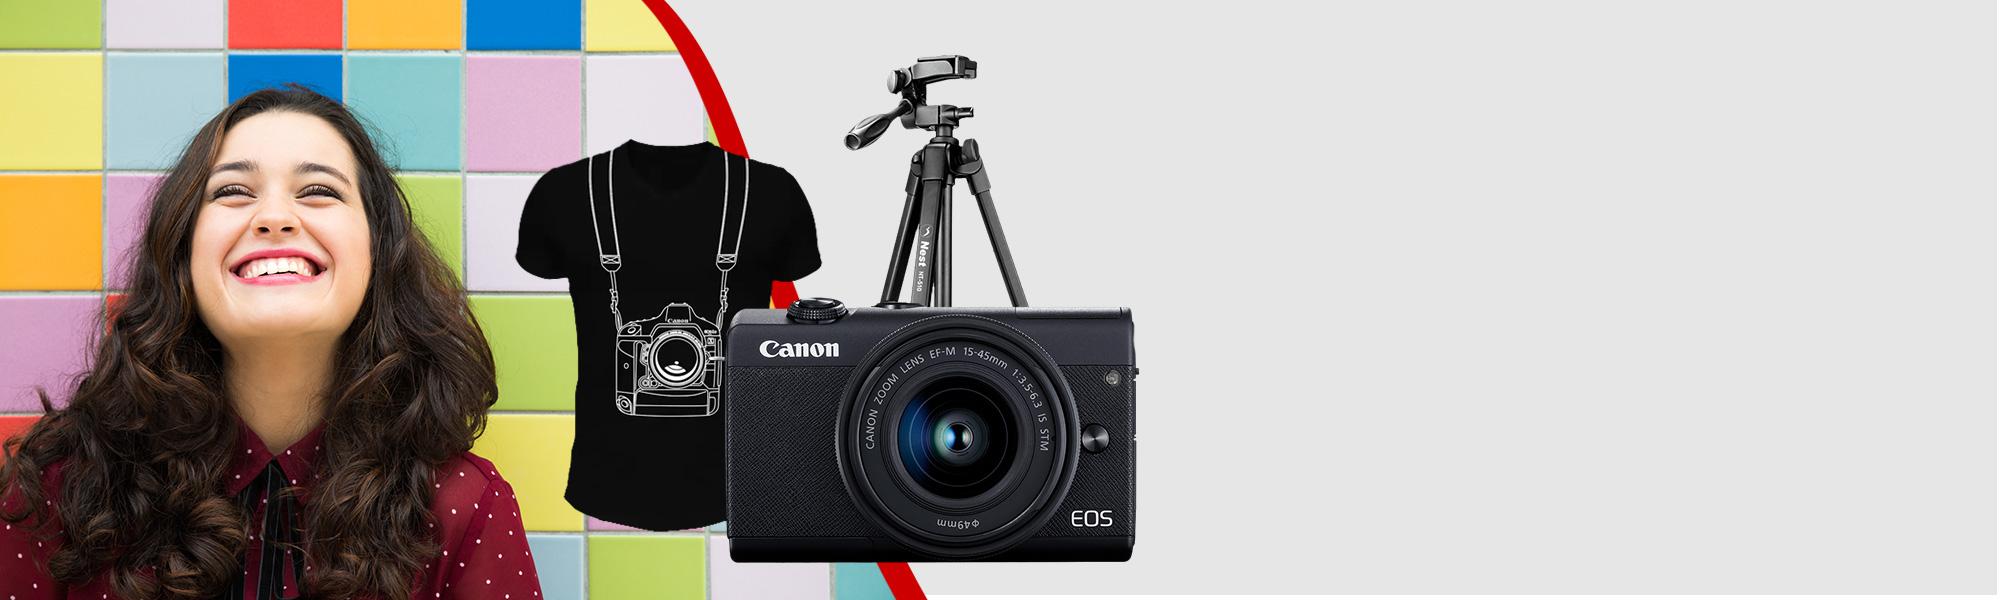 Combo Câmera EOS M200 com Tripé e Camiseta